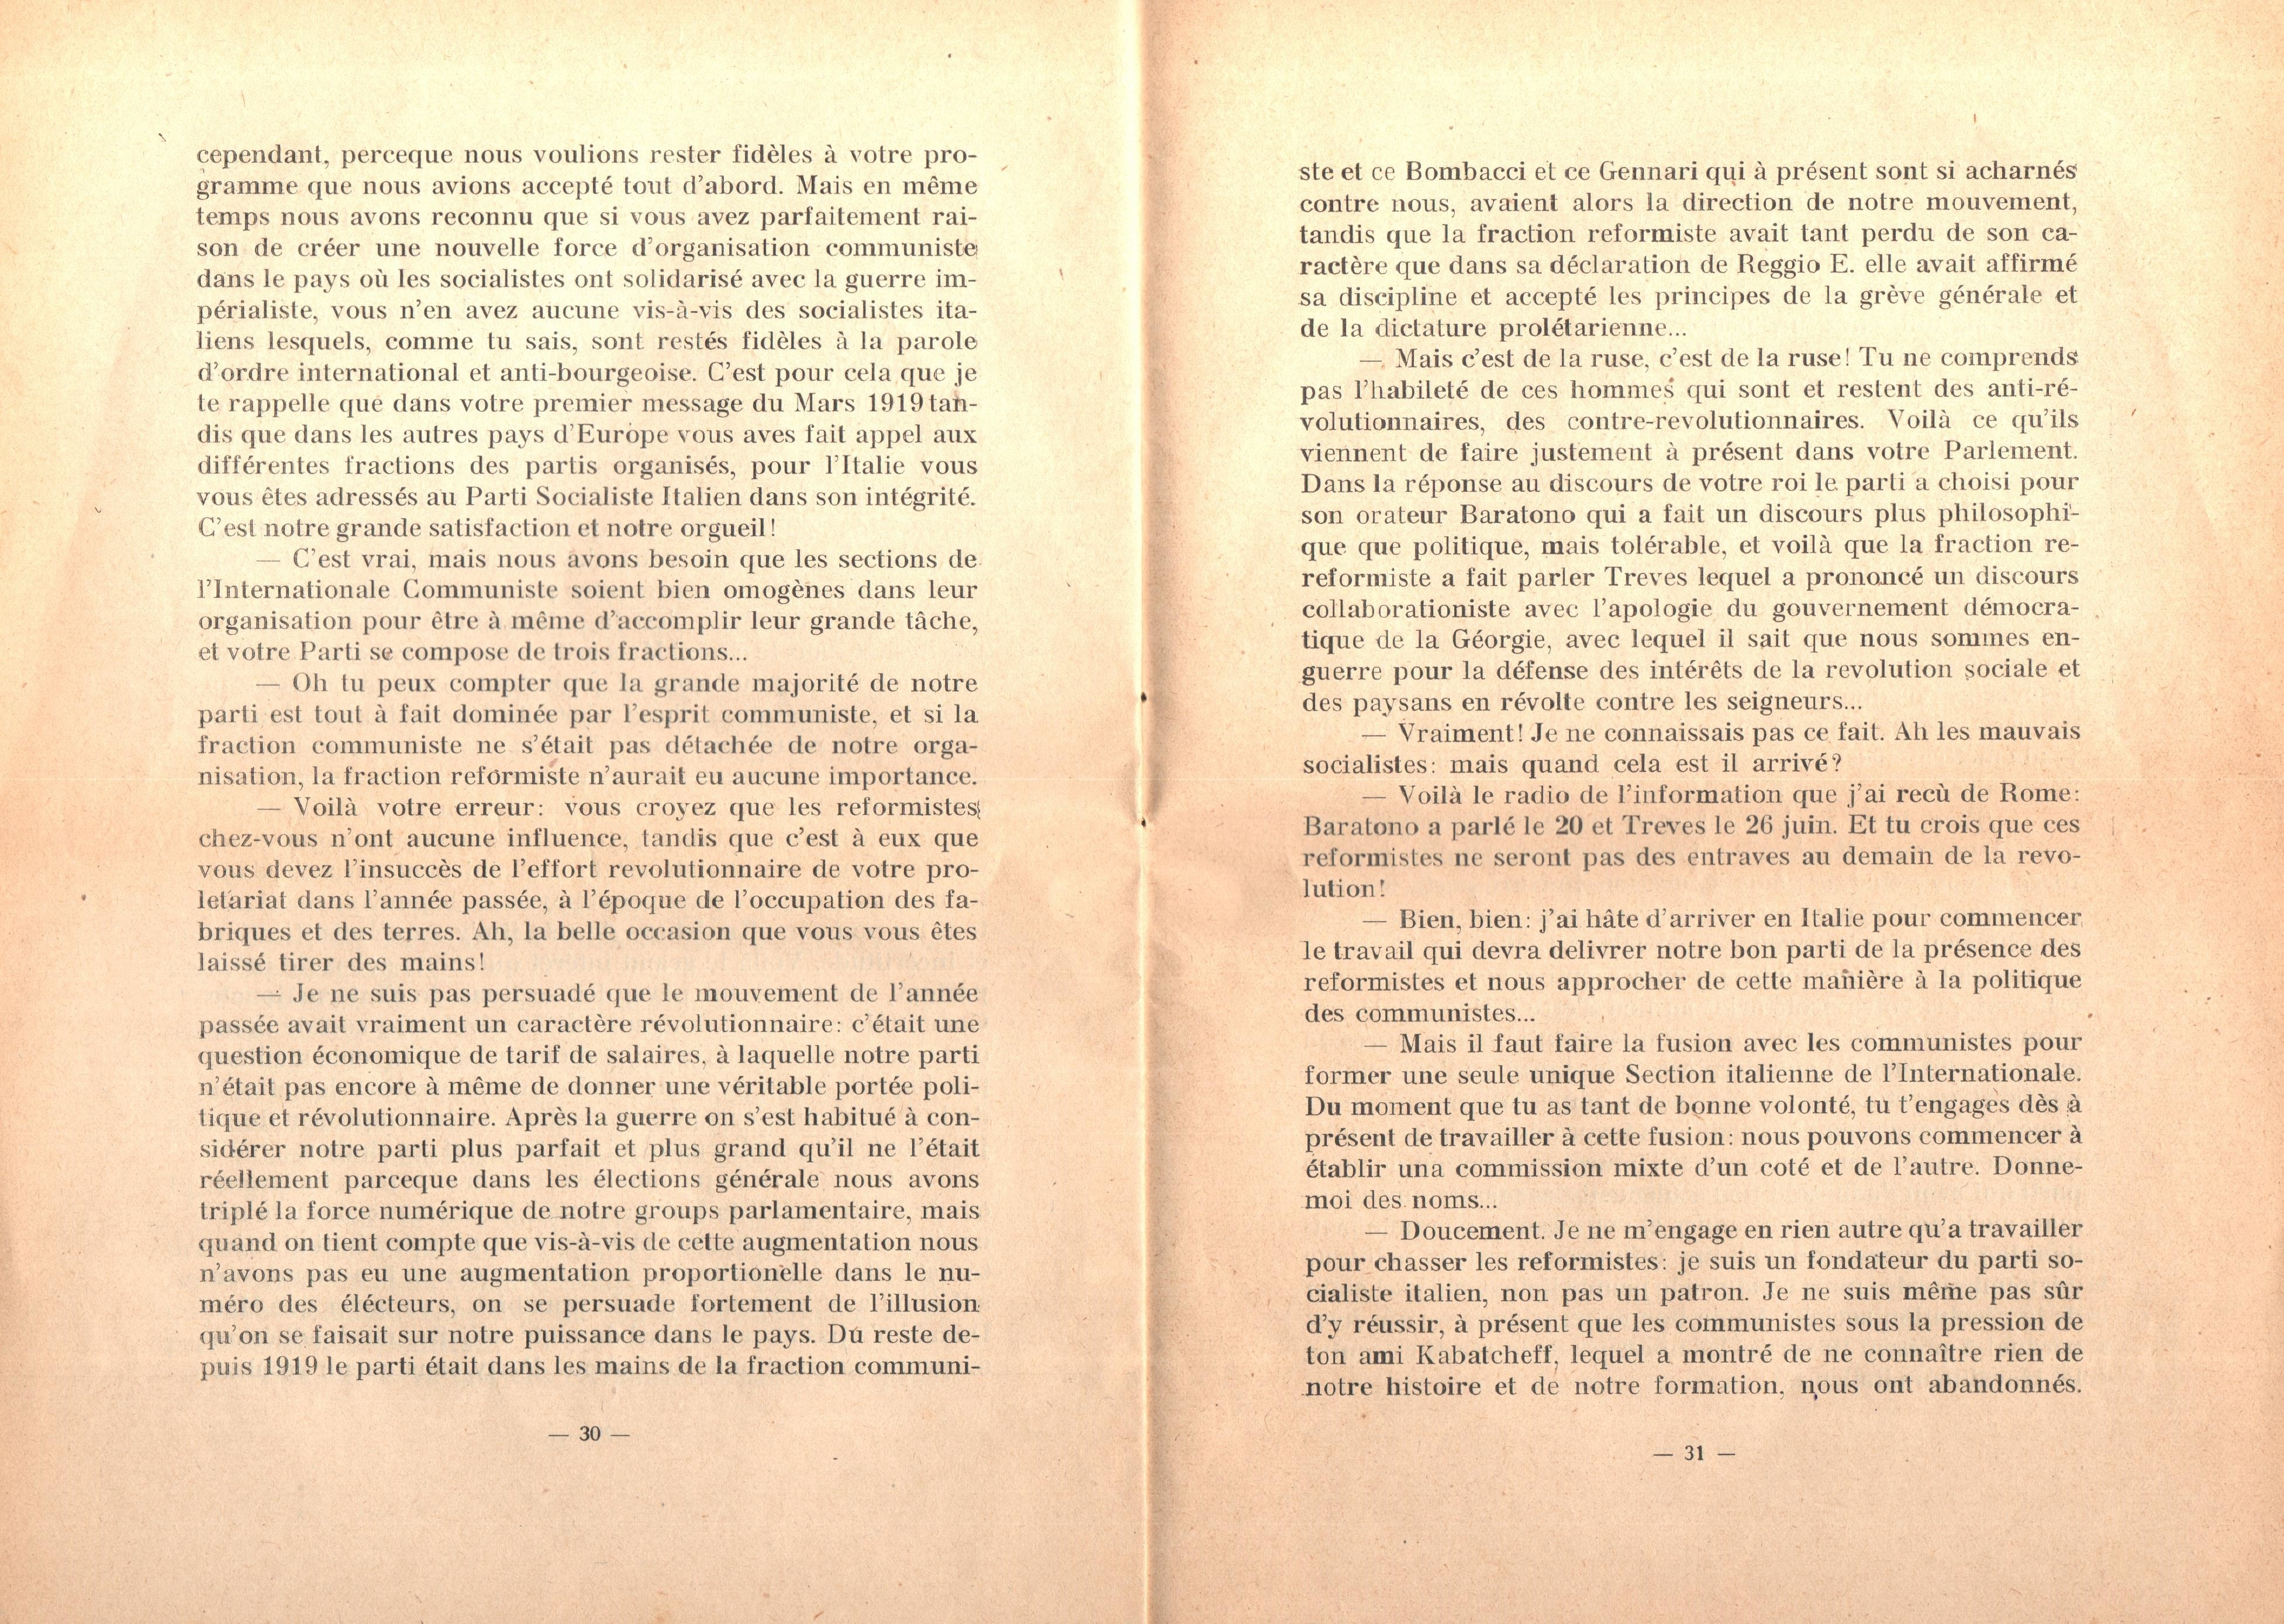 C. Lazzari, Il mio ultimo colloquio con Nicola Lenin - pag. 17